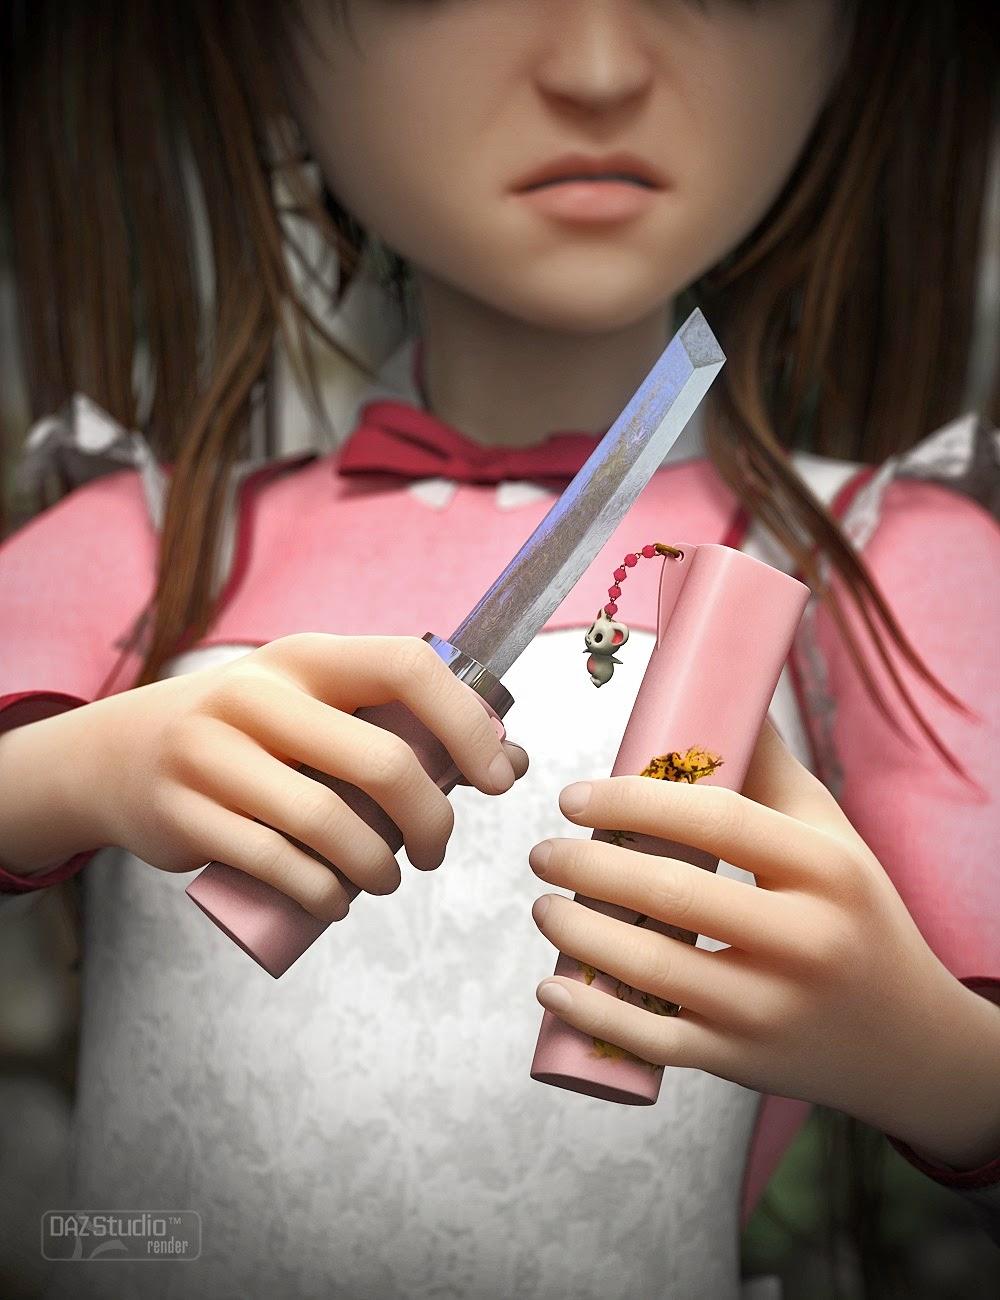 Anime Girl Accessoires pour Genèse 2 Femme